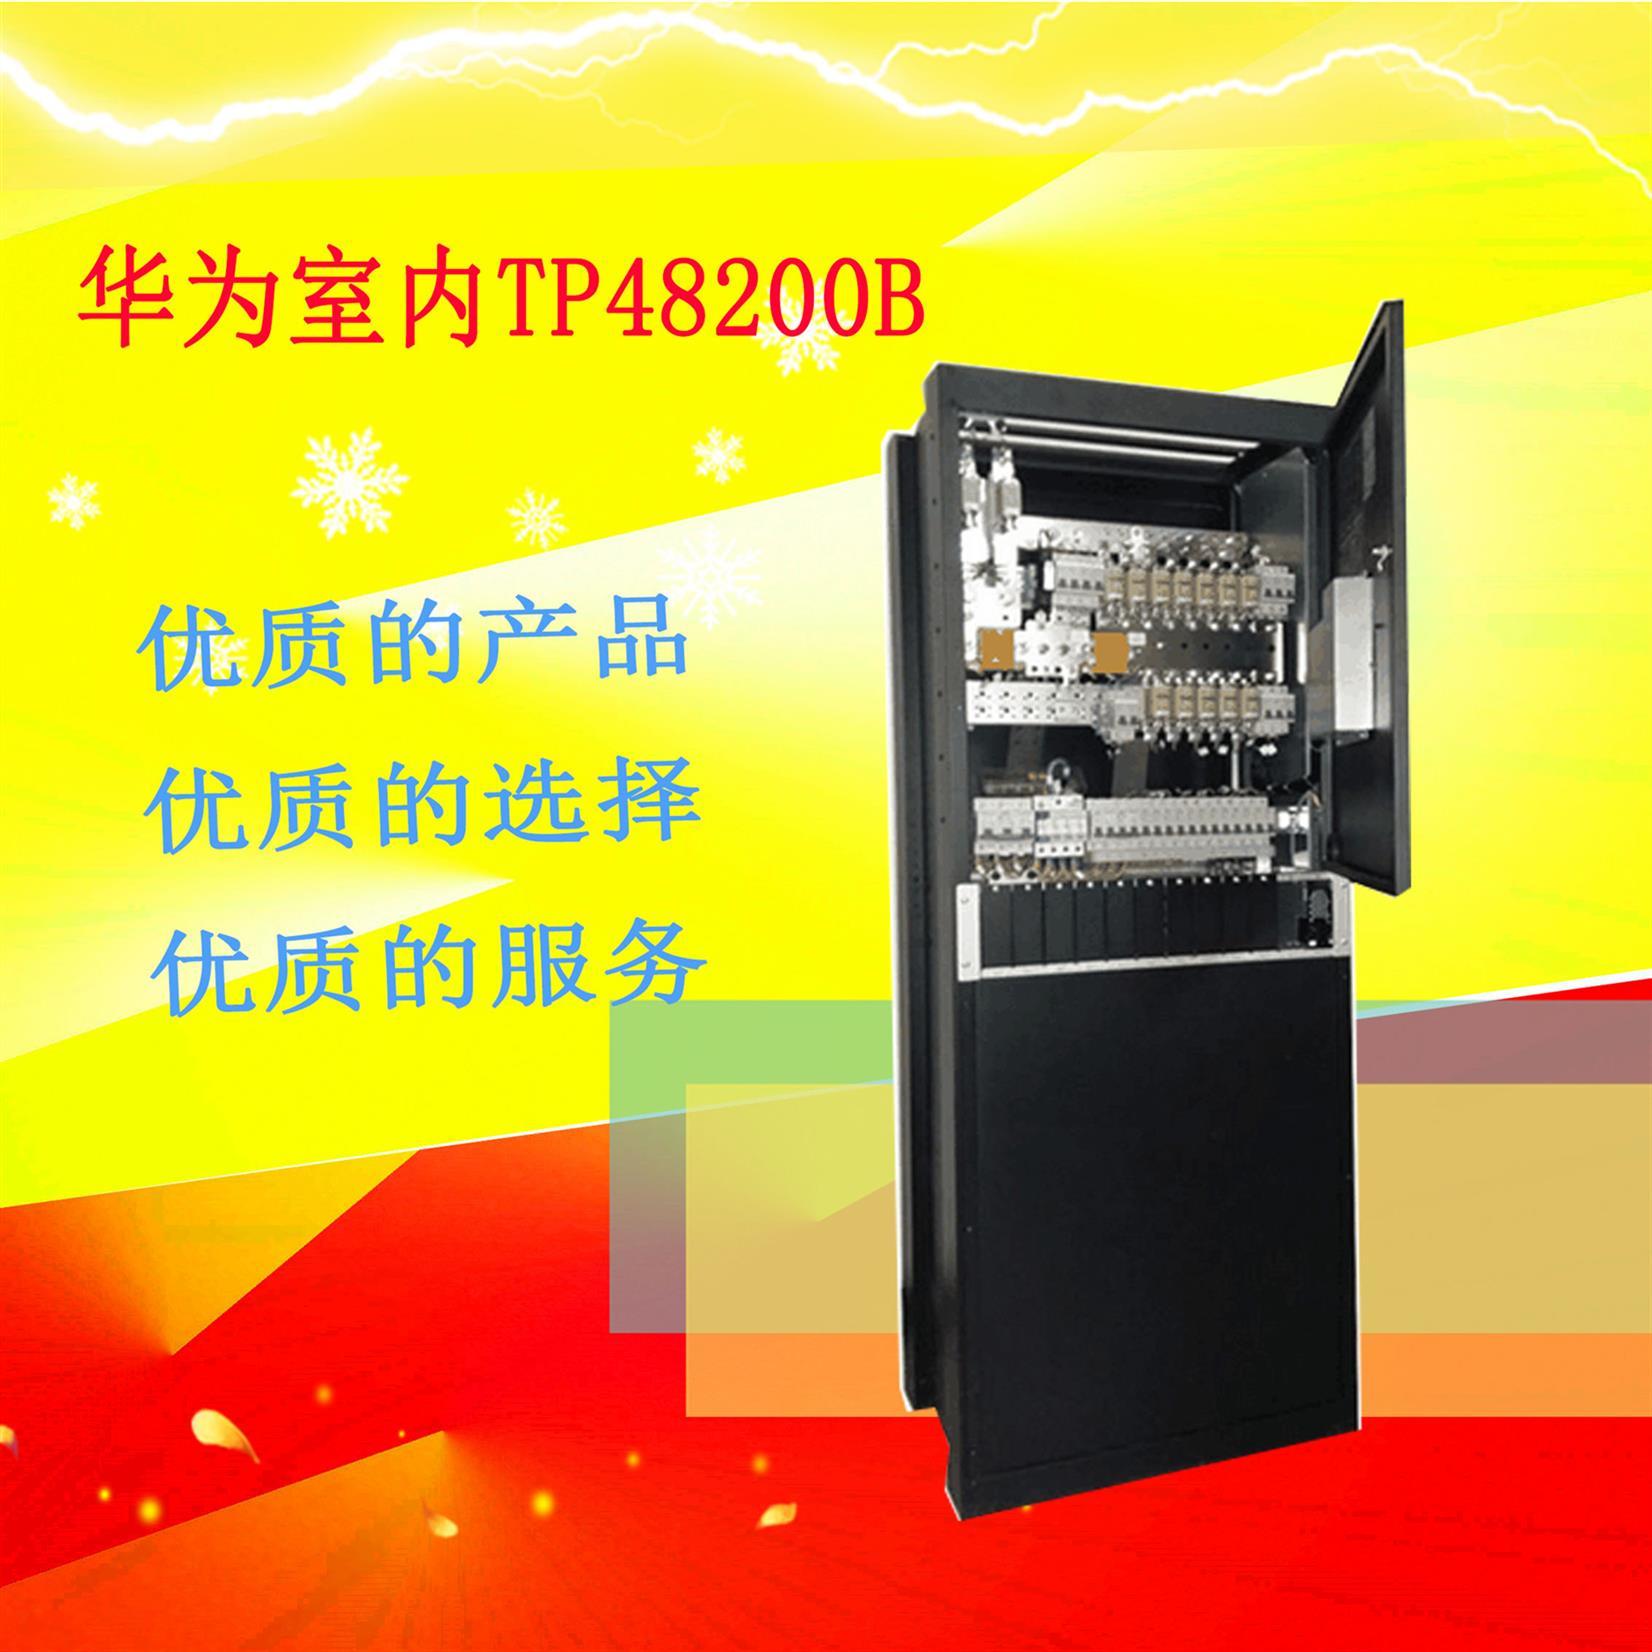 广州华为TP48200B室内通信电源厂商